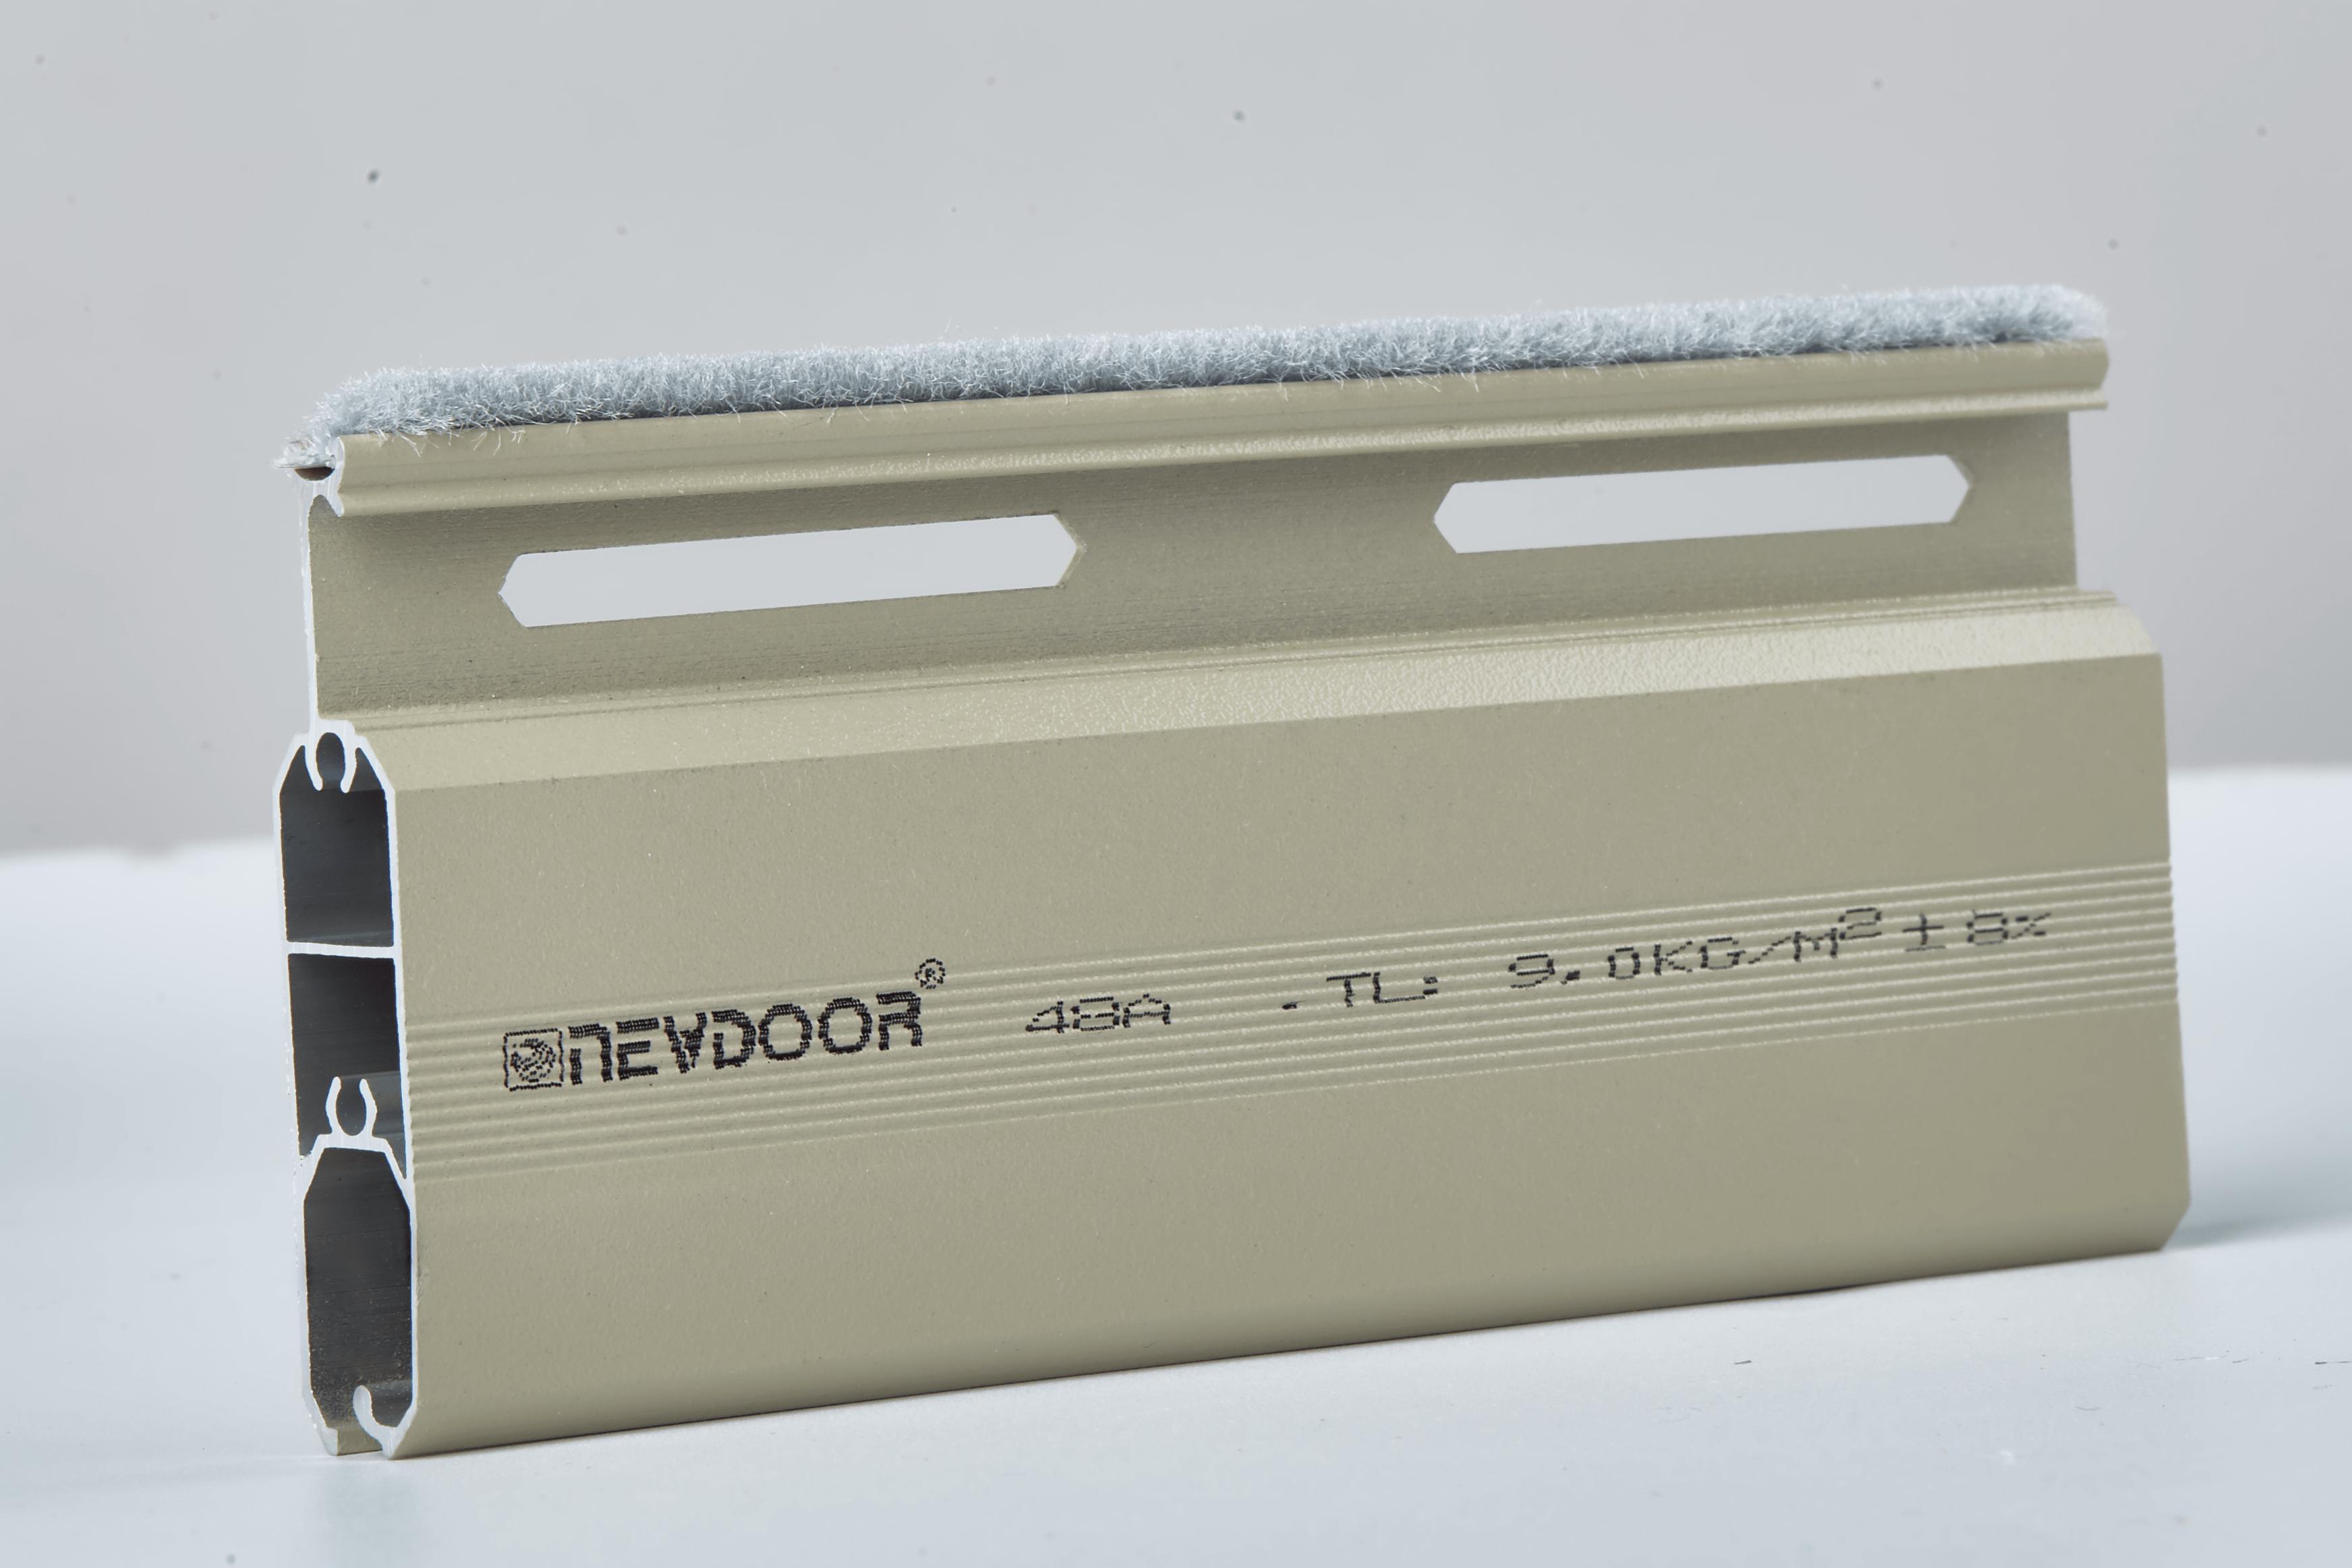 Newdoor 48A